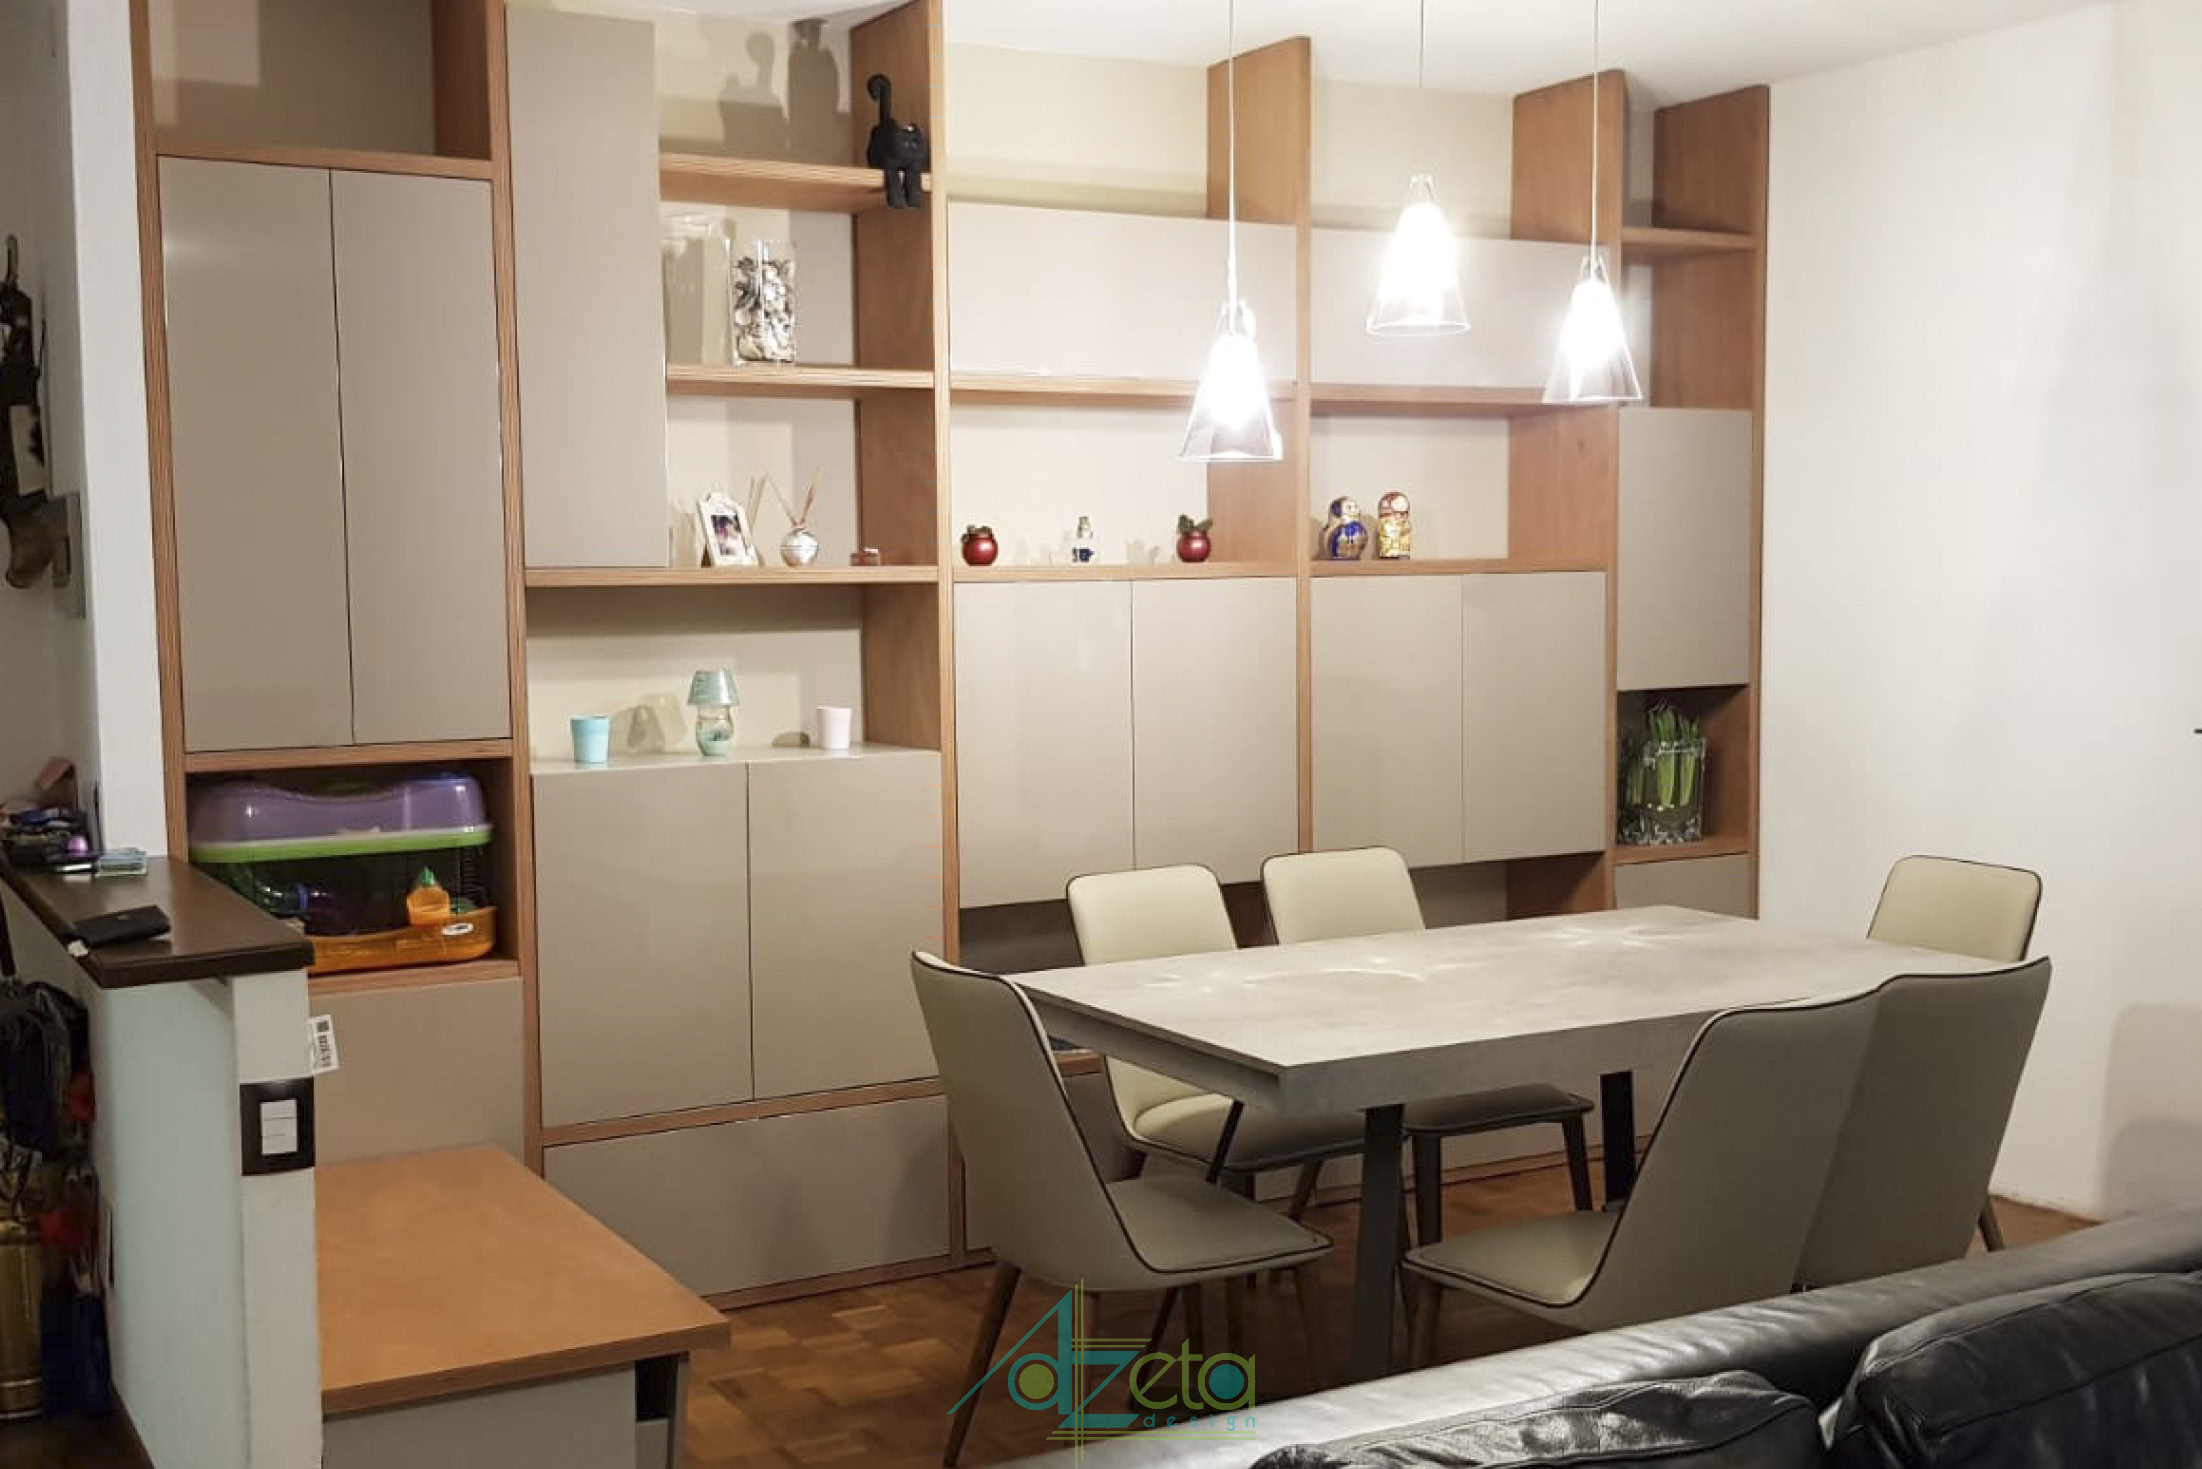 Arredo e mobile soggiorno su misura - Parma - AzetaDesign